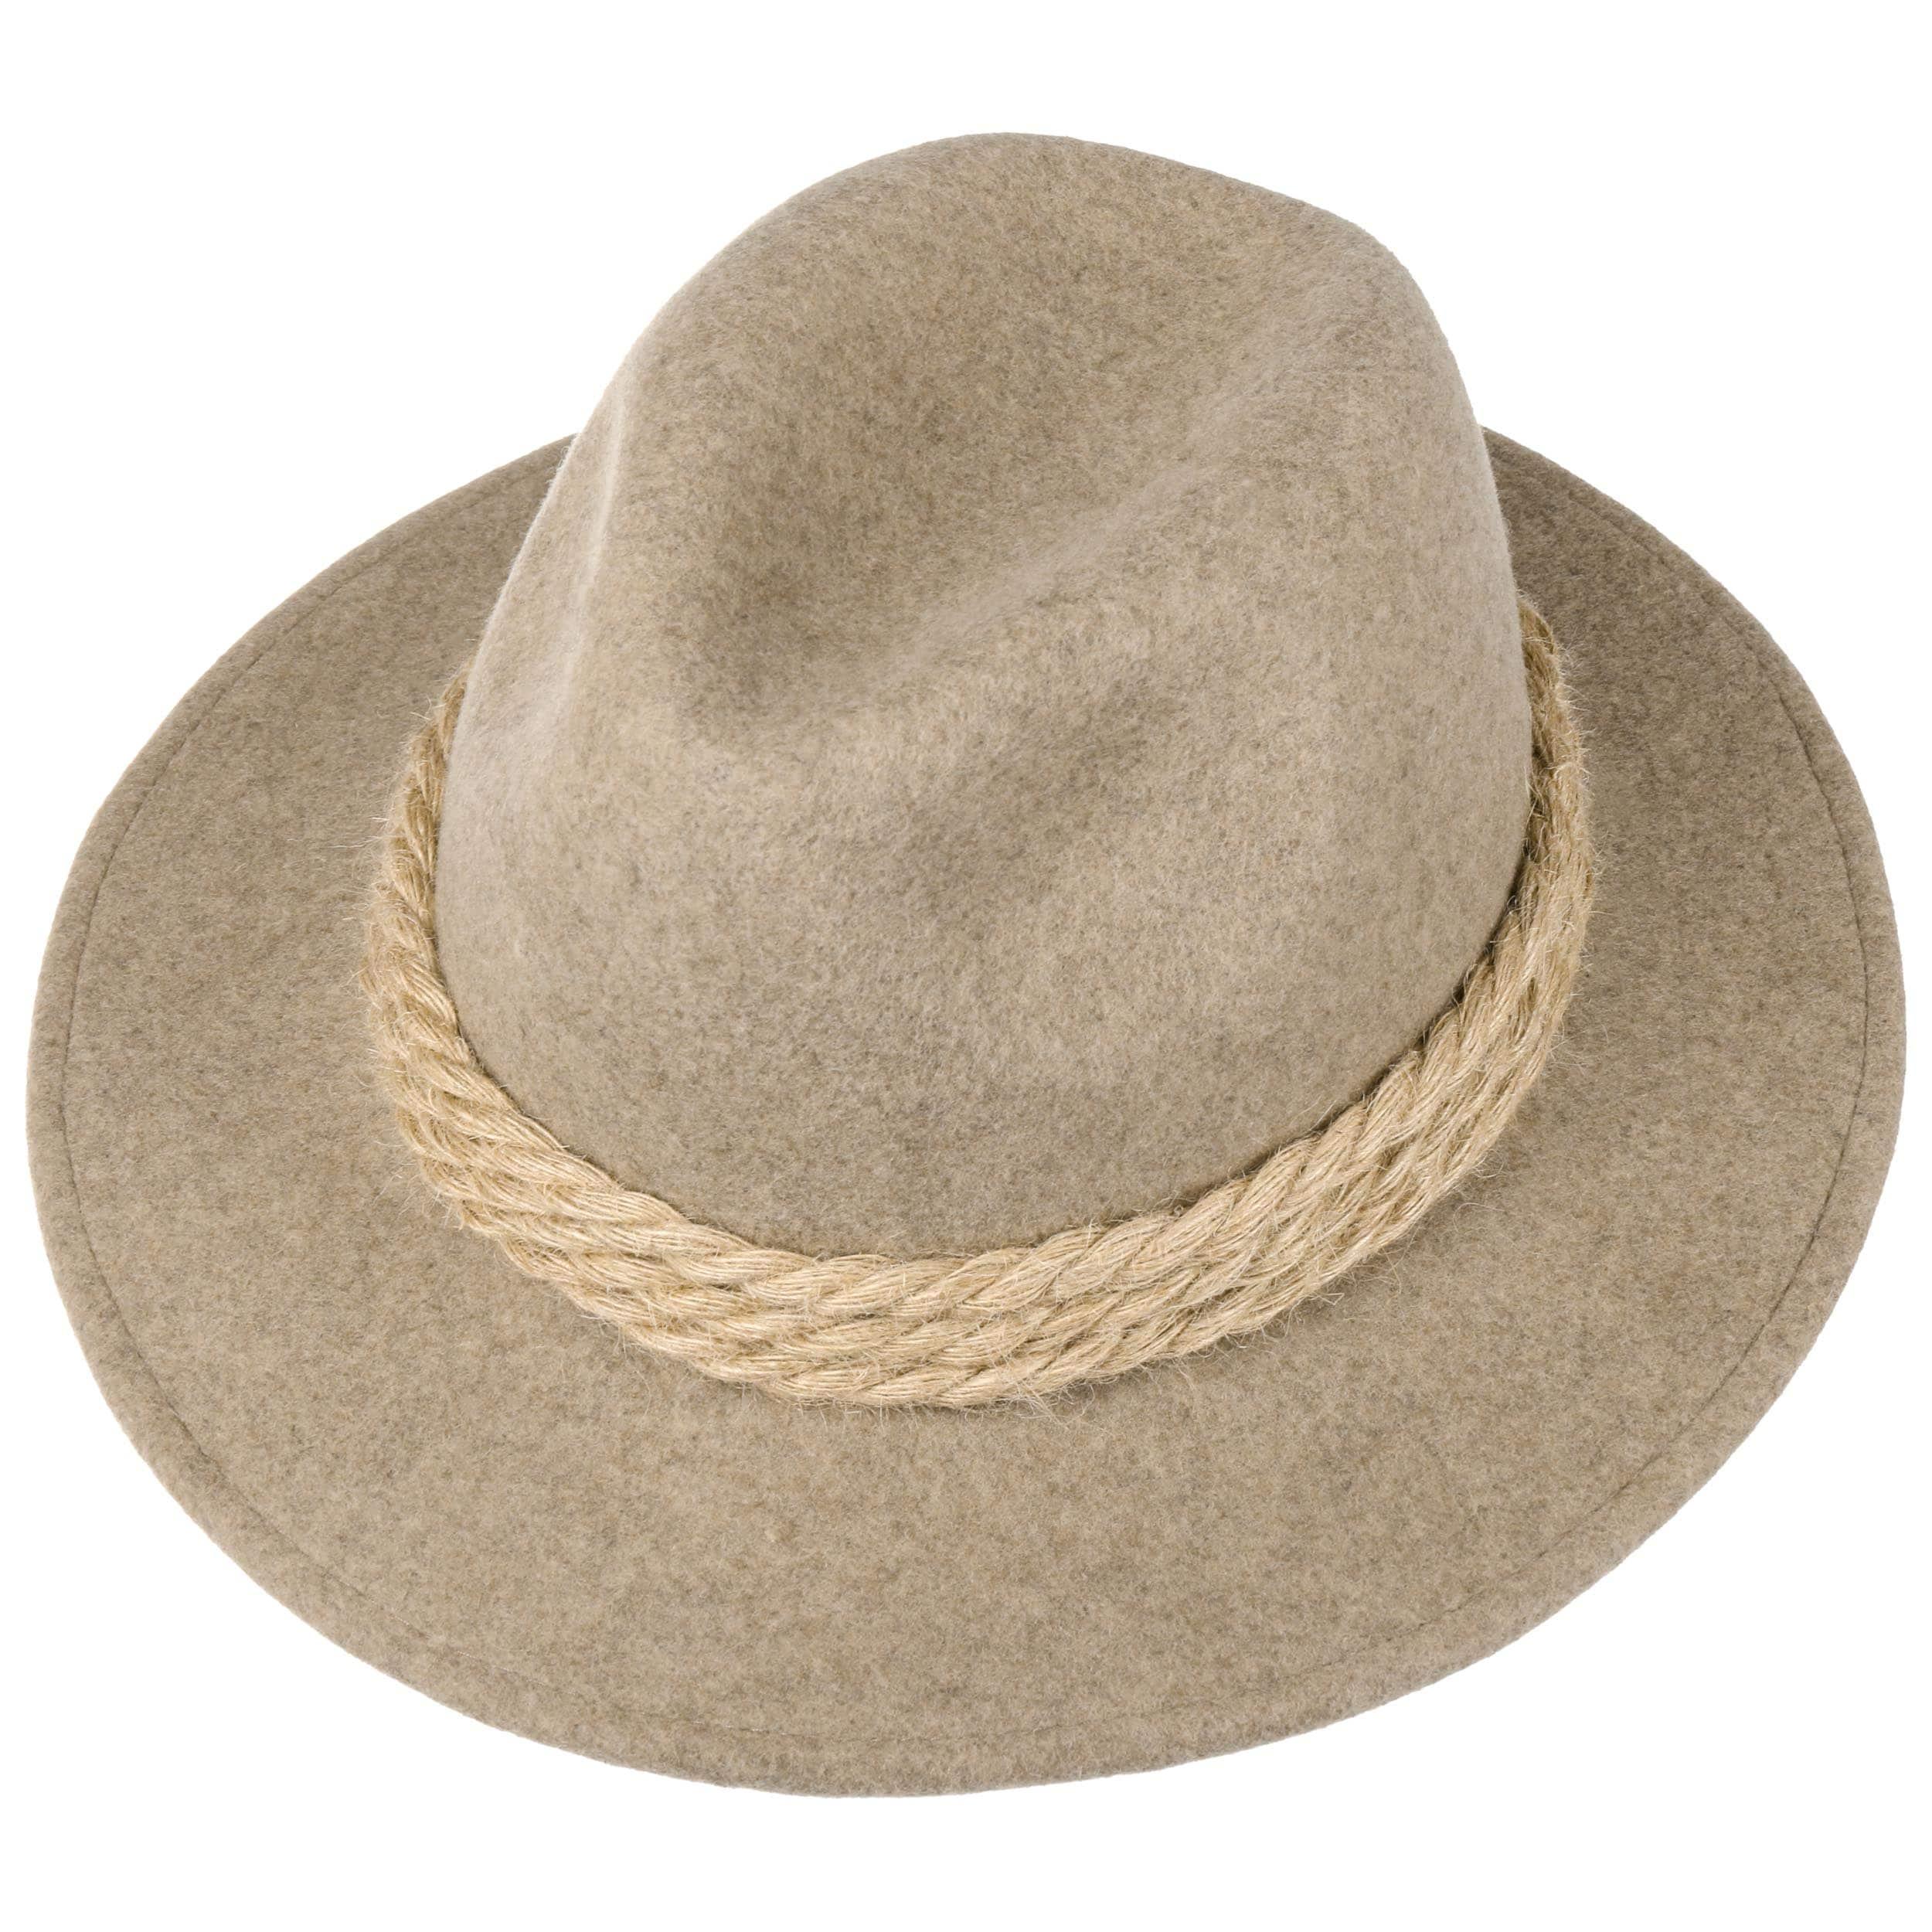 Cappello Tradizionale Tirolese - marrone 1 · Cappello Tradizionale Tirolese  - beige 1 ... 321fc7e742d7